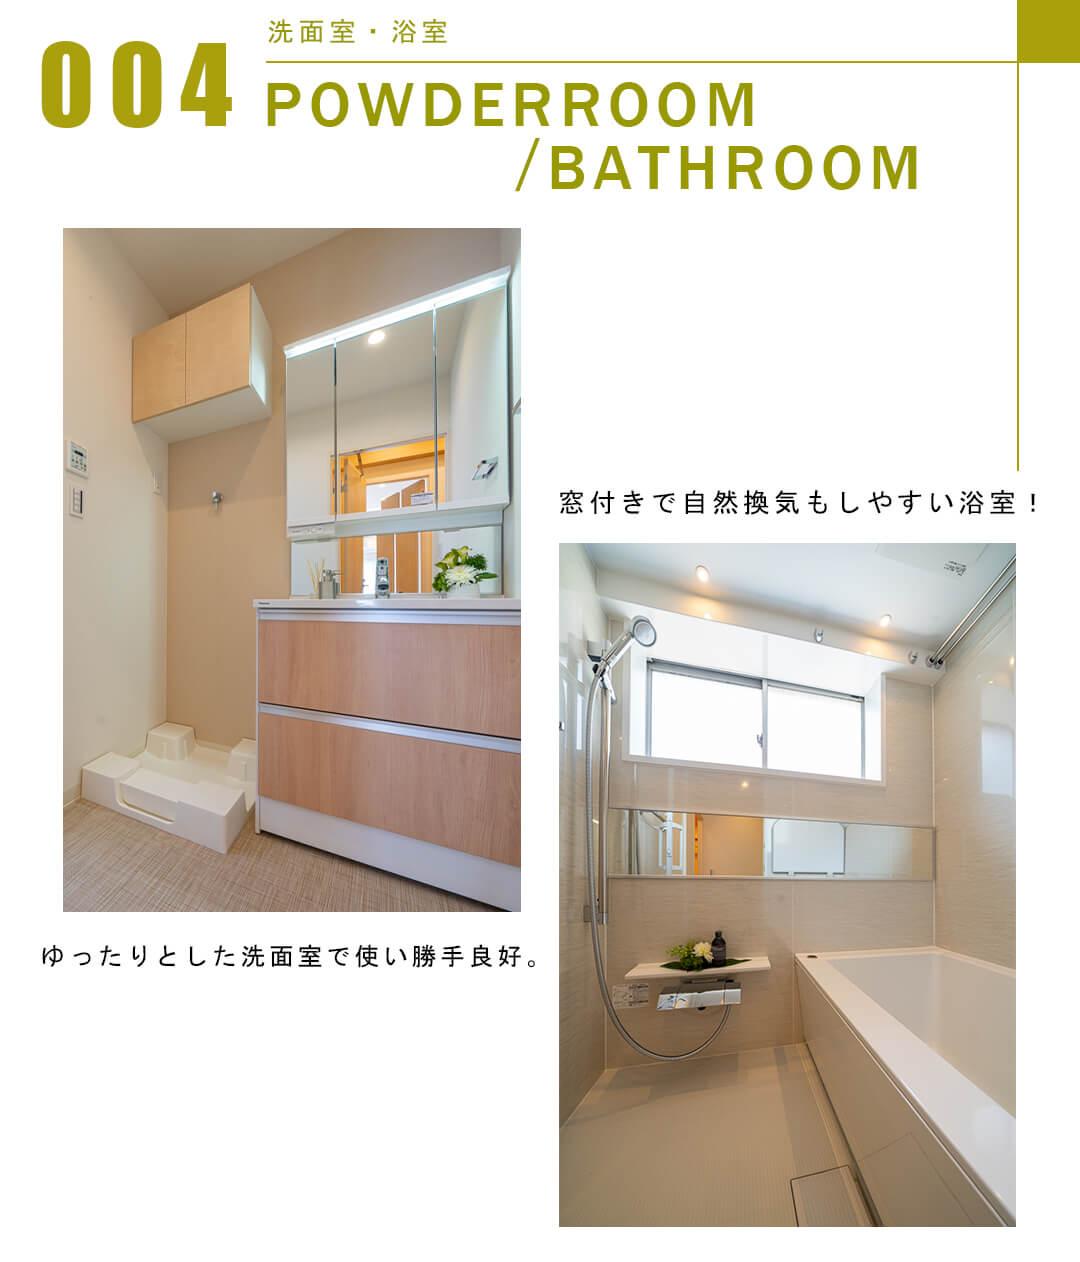 004洗面室,浴室,POWDERROOM,BATHROOM